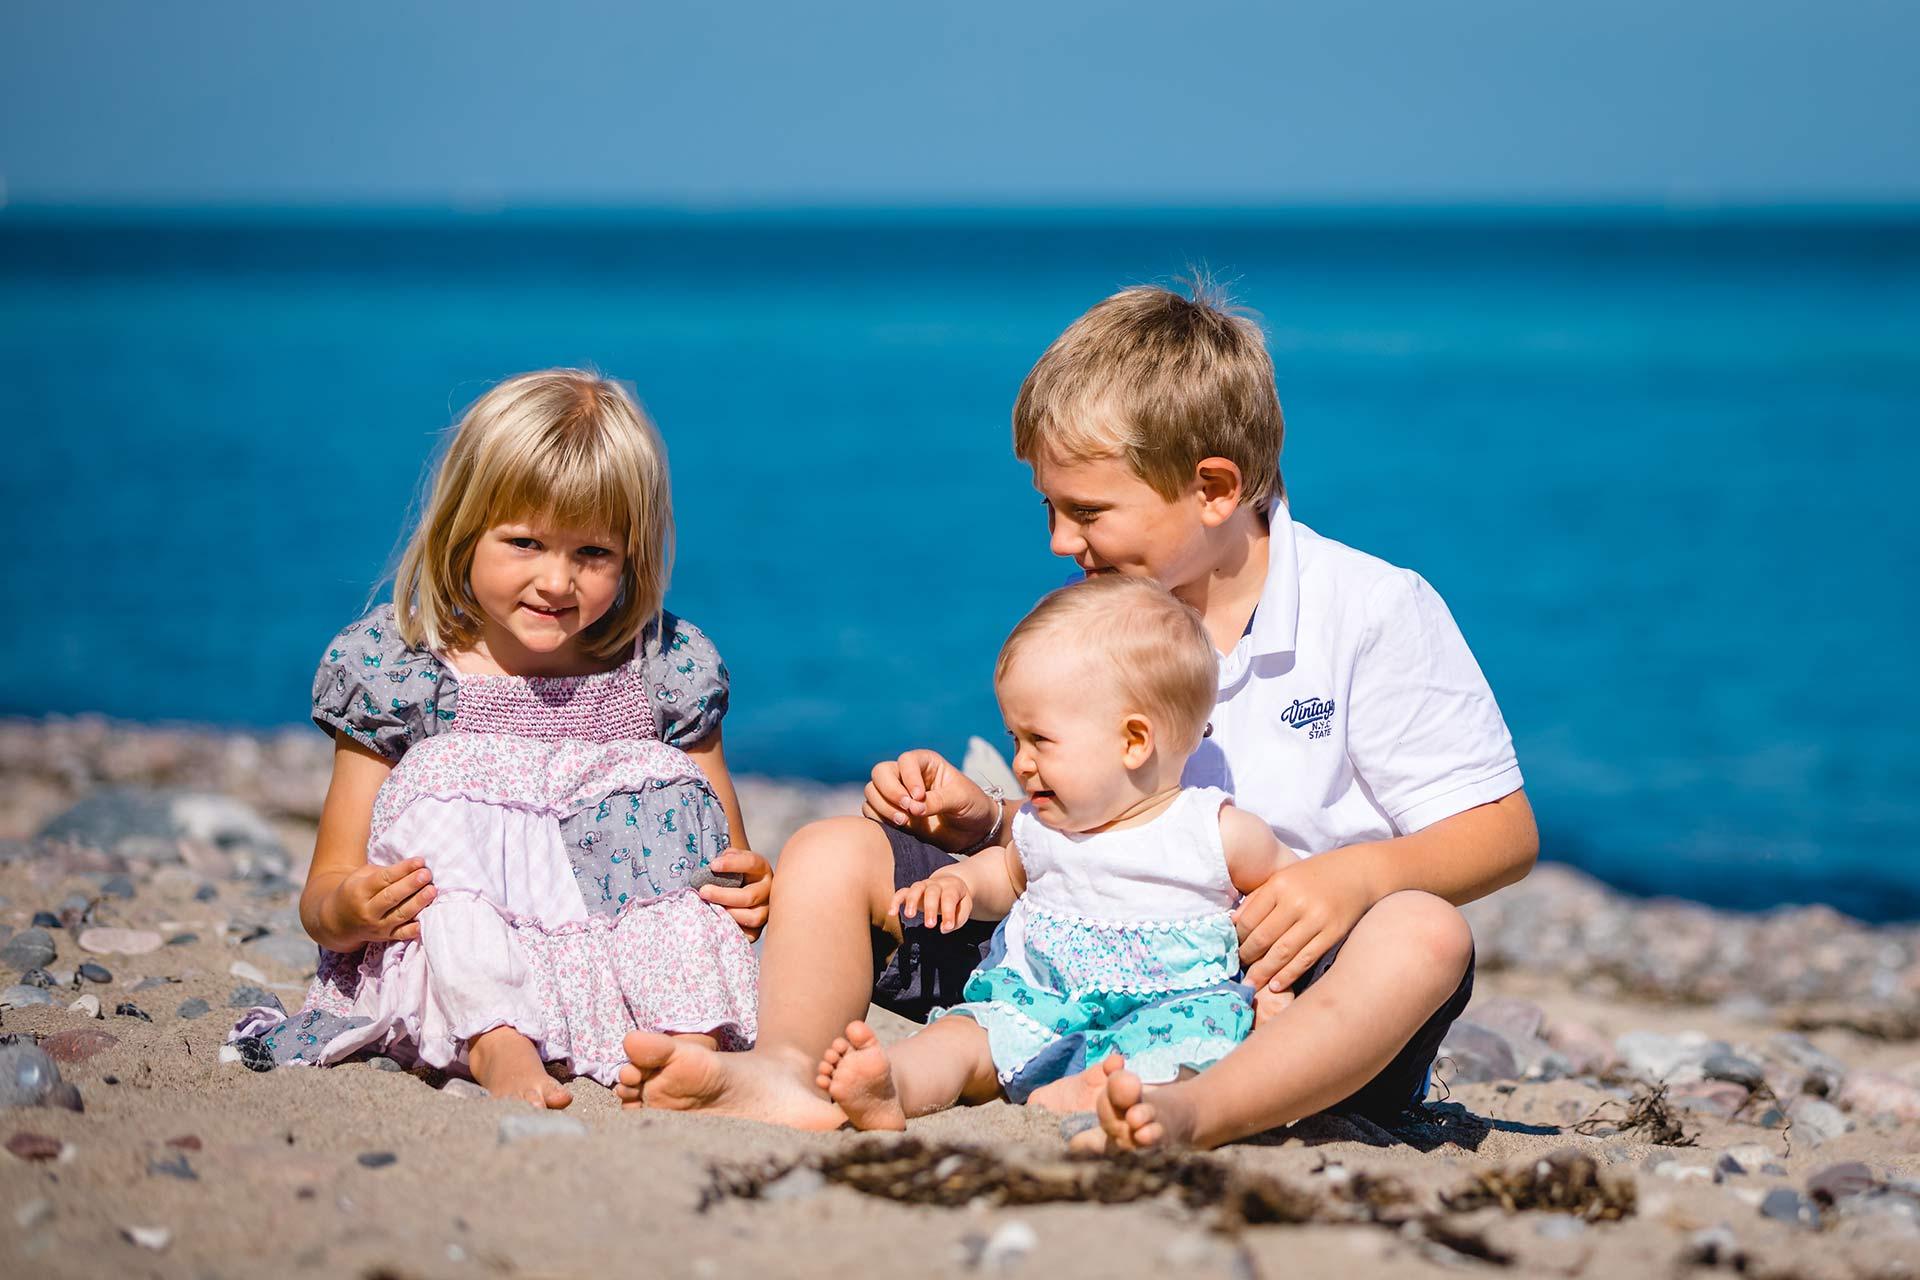 Maedchen-Junge-und-Baby-sitzen-im-Sand-Ostseestrand-Shooting-am-Strand-Familienfotografie-Fotograf-Rostock - Familienshooting